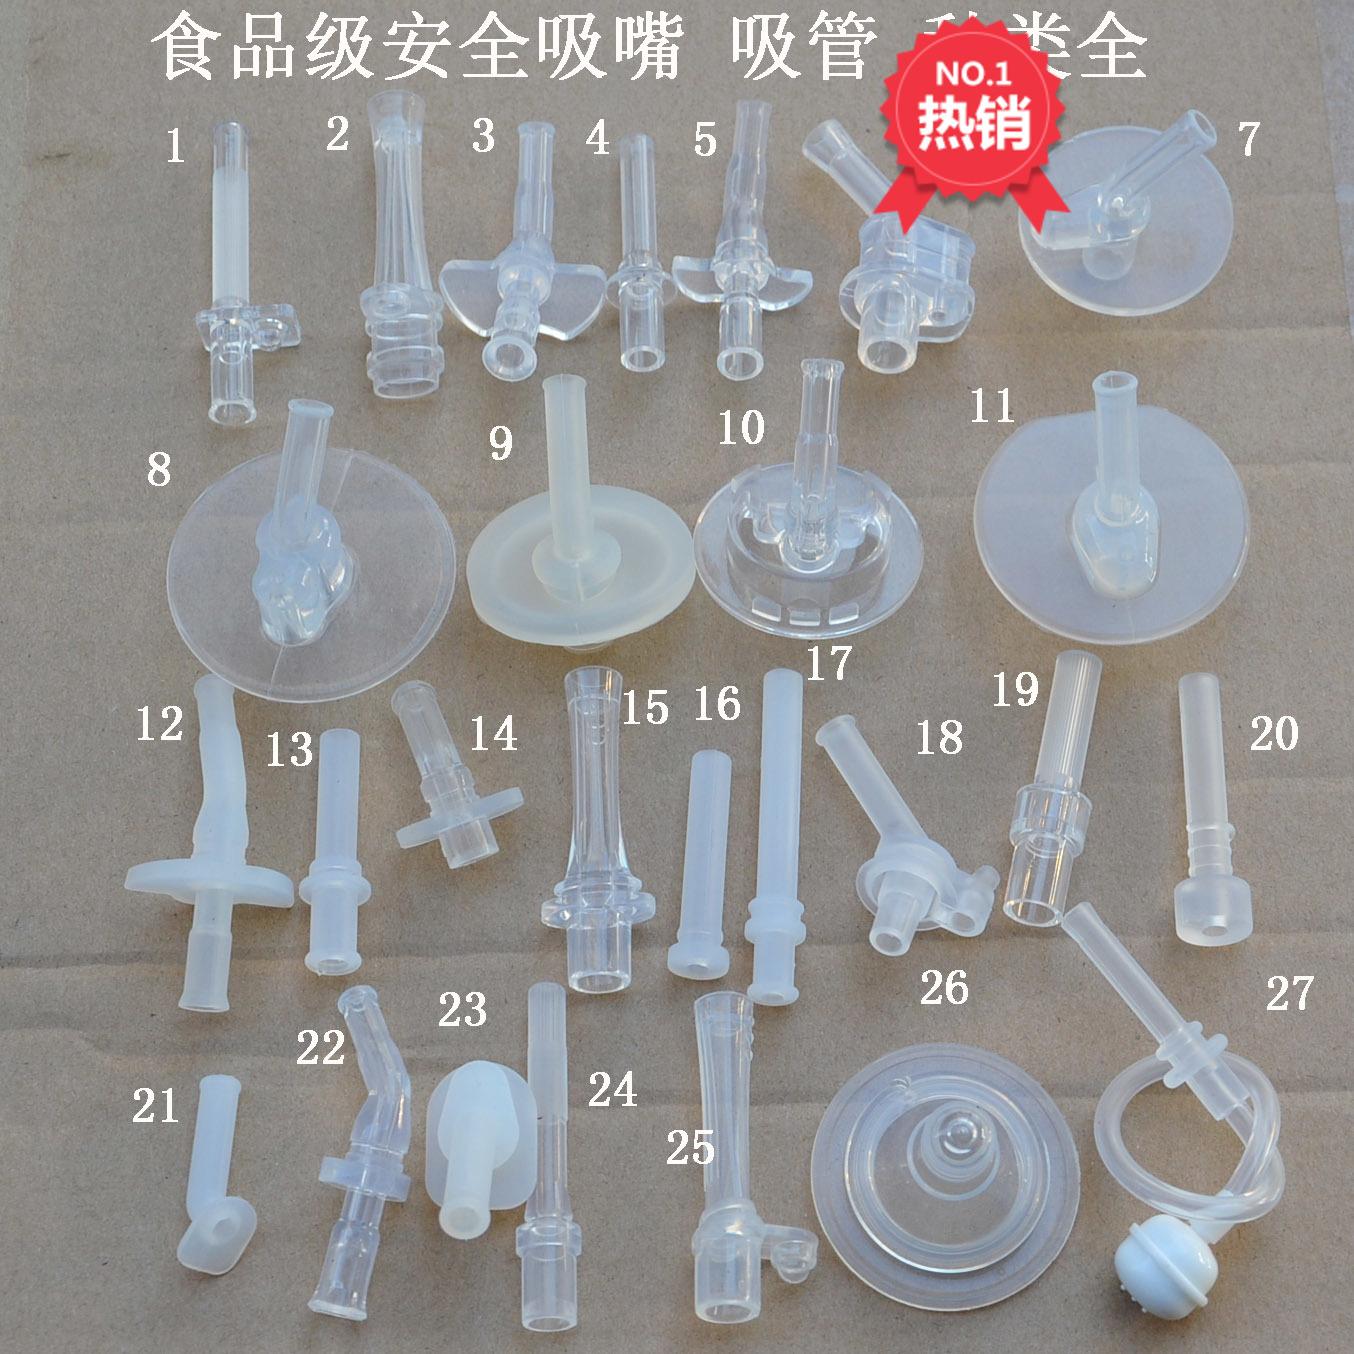 杯子儿童熊本市保温杯水壶配件软吸嘴吸管头水杯盖替换吸嘴